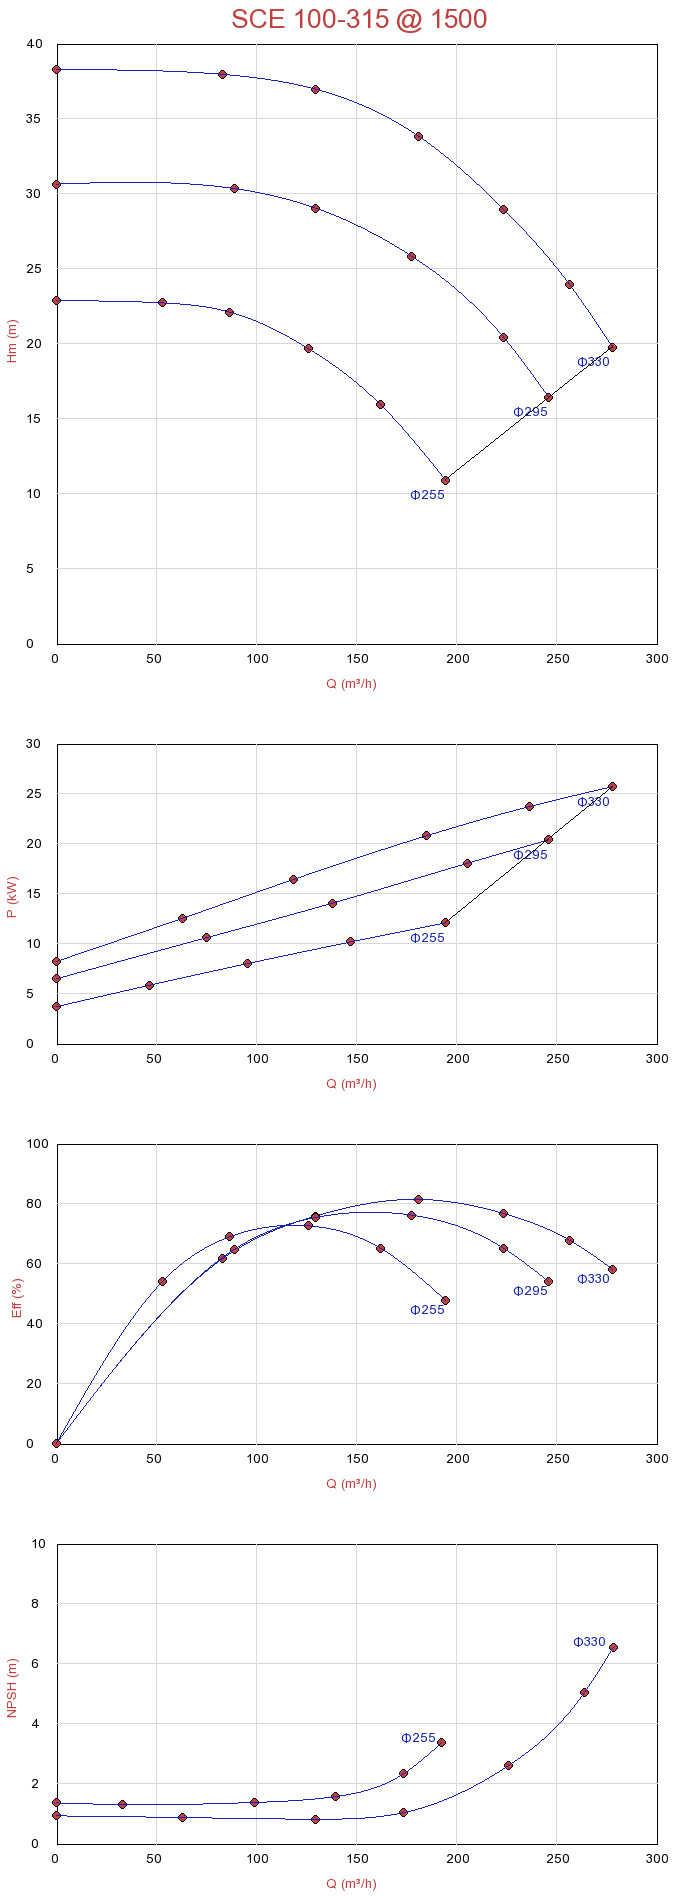 Biểu đồ lưu lượng máy bơm ly tâm hút đôi Sempa SCE 100-315